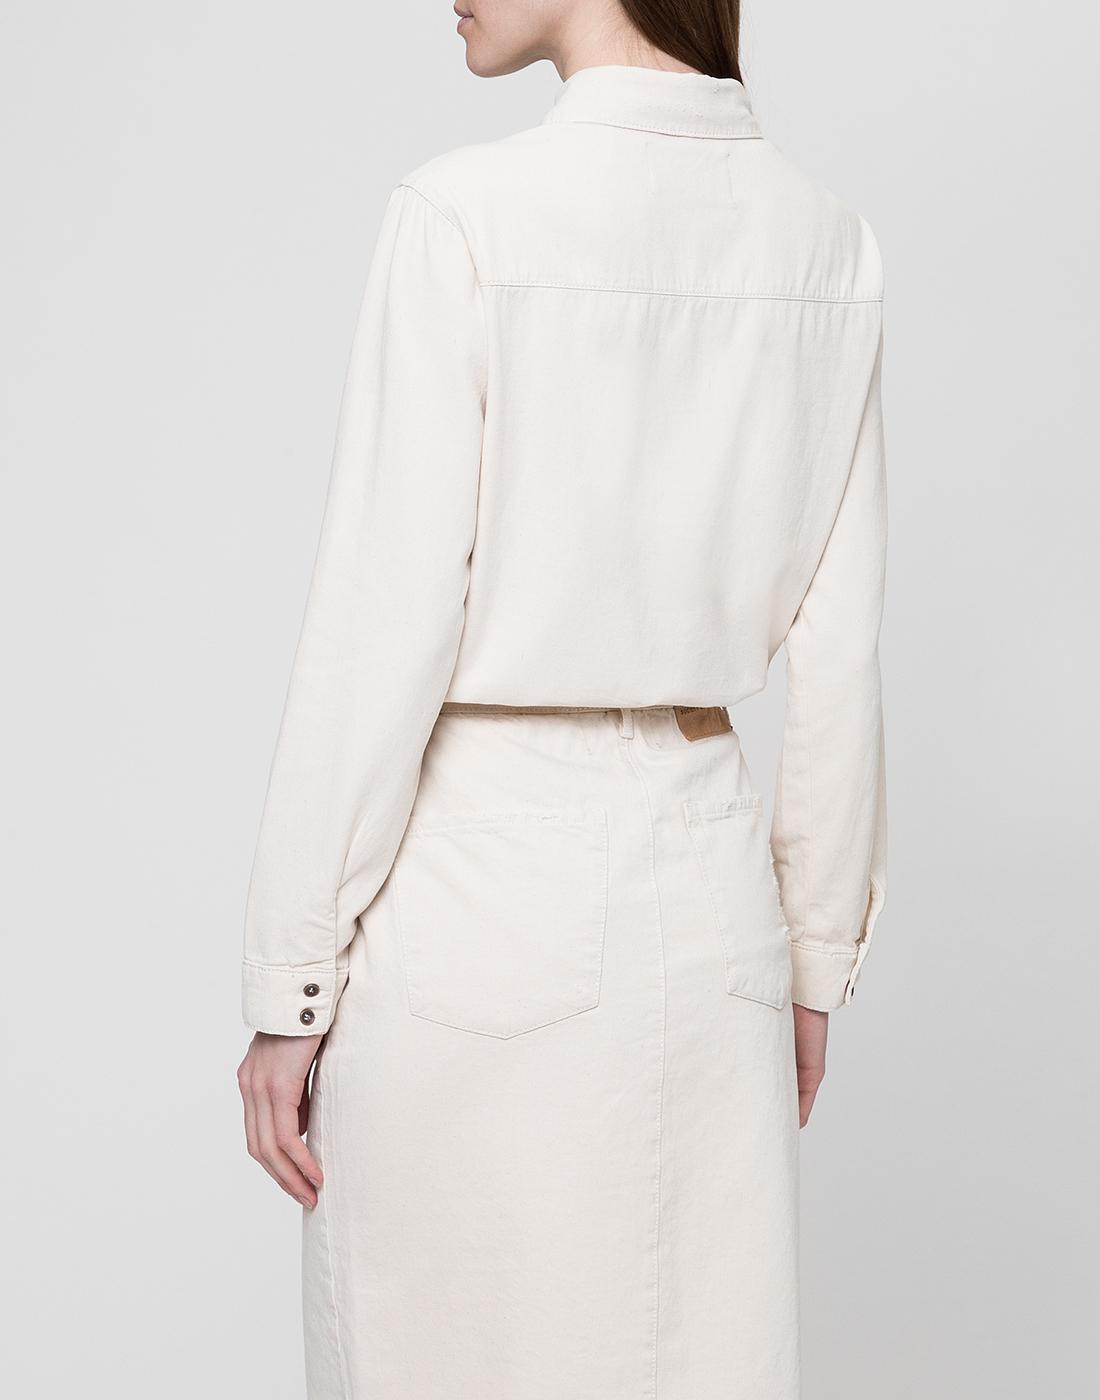 Женская белая рубашка Oneteaspoon S22700-4